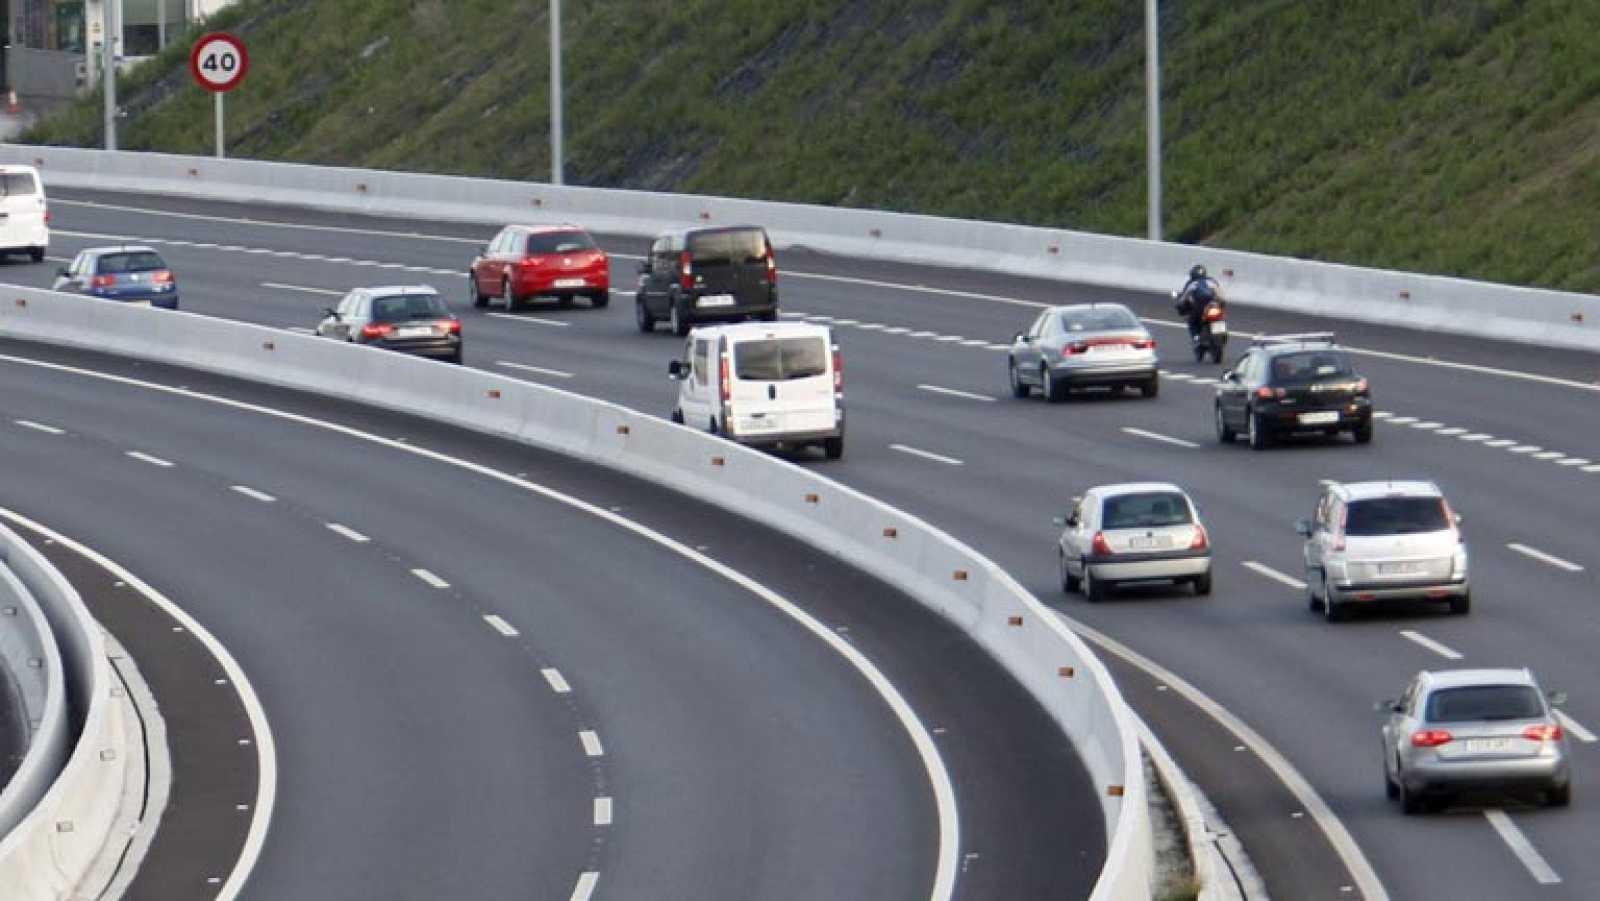 Olimpismo madrid 2020 transporte r pido y plazas hoteleras para los juegos de 2020 - Casarse rapido en madrid ...